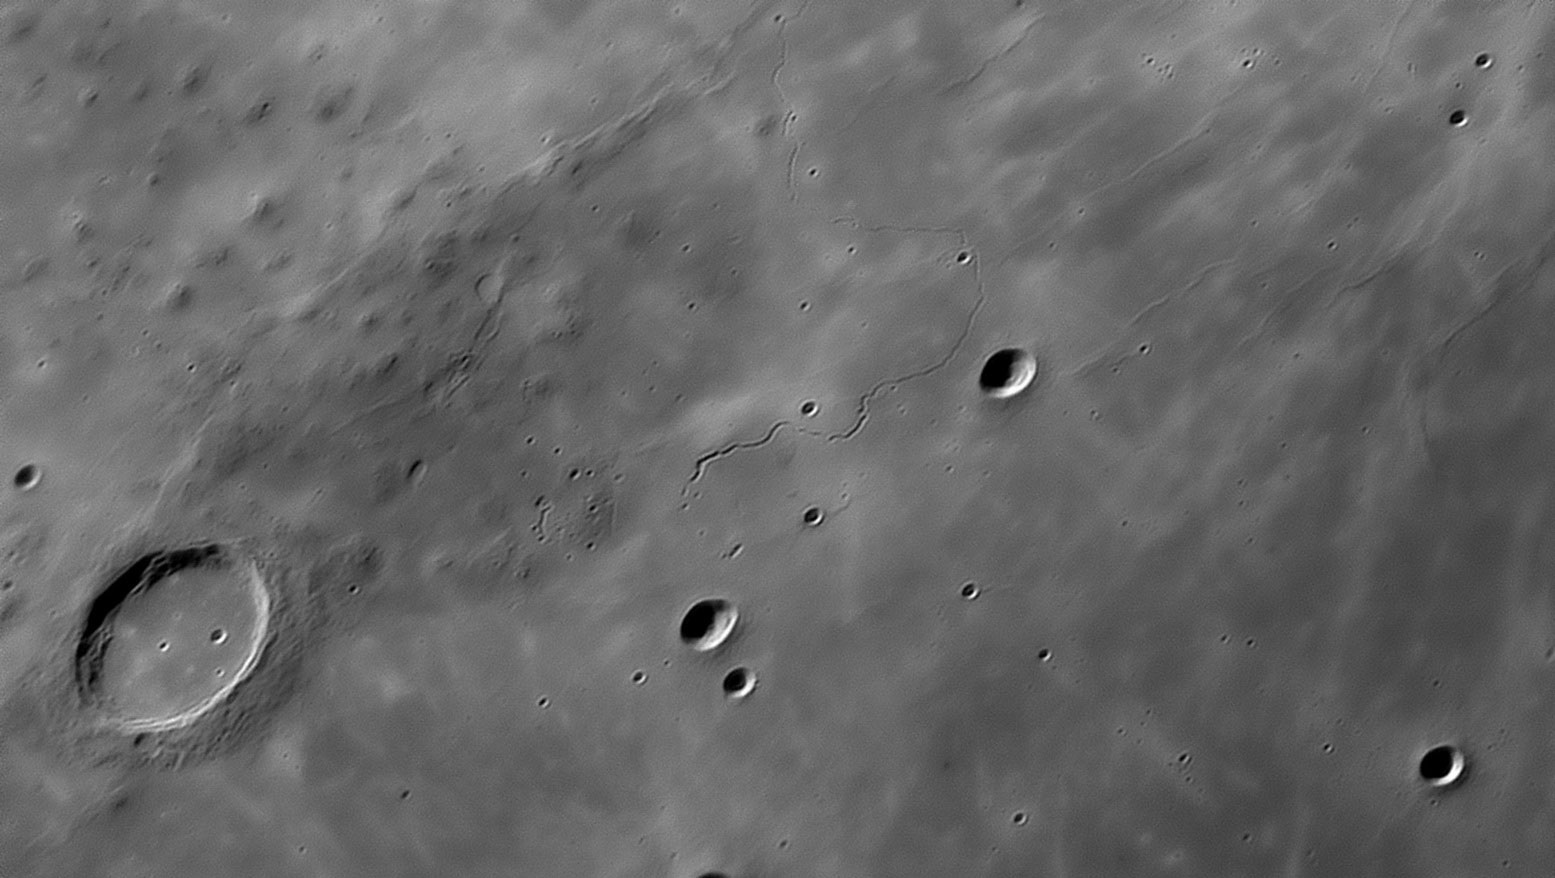 Lune 25/08/2019 Bastia C14 ASI290 Barlow 2x Clavé :Marius